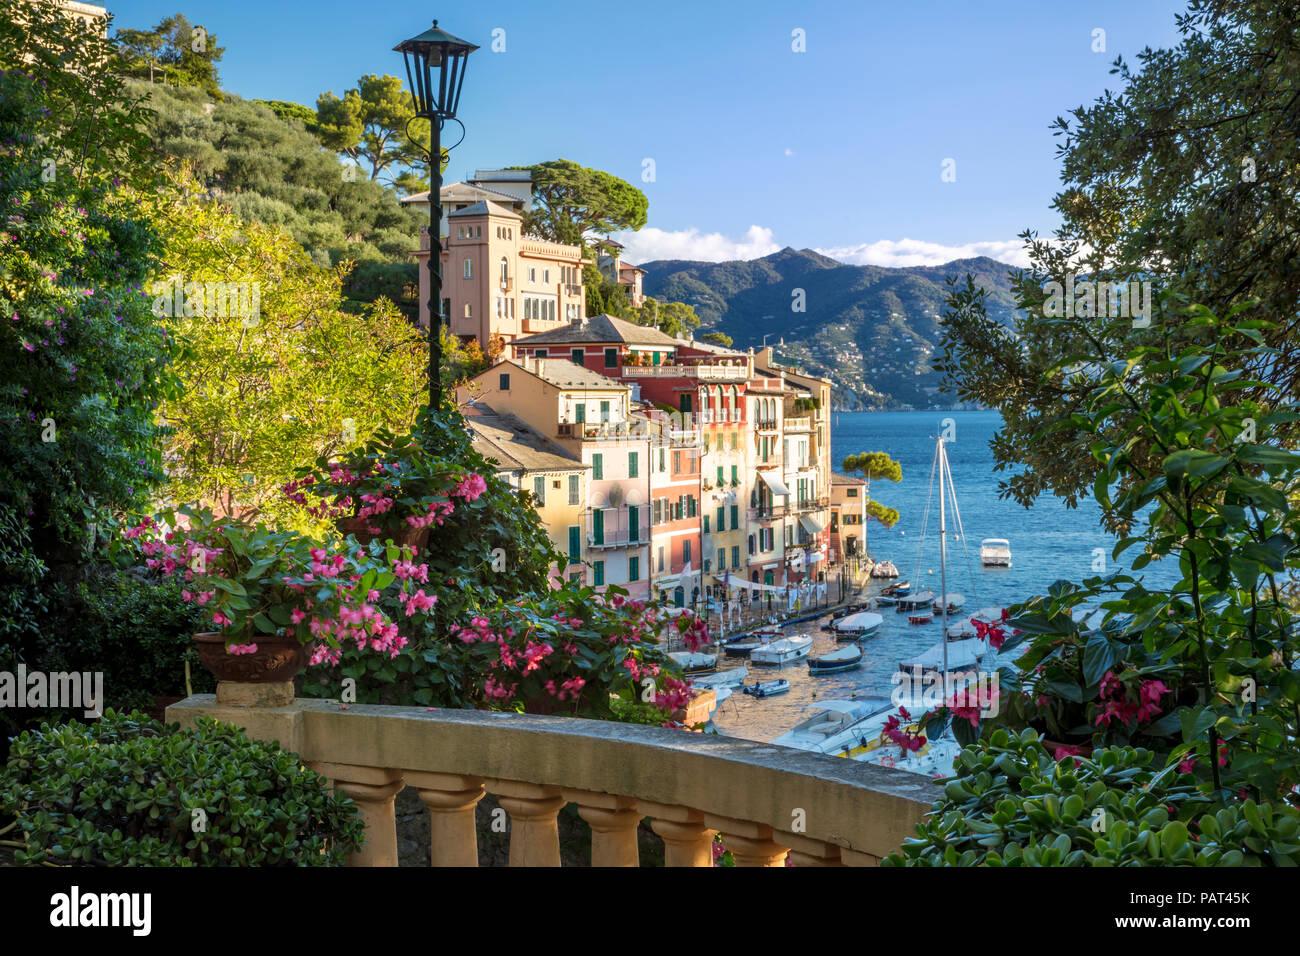 Temprano en la mañana vistas ciudad portuaria de Portofino, Liguria, Italia Foto de stock